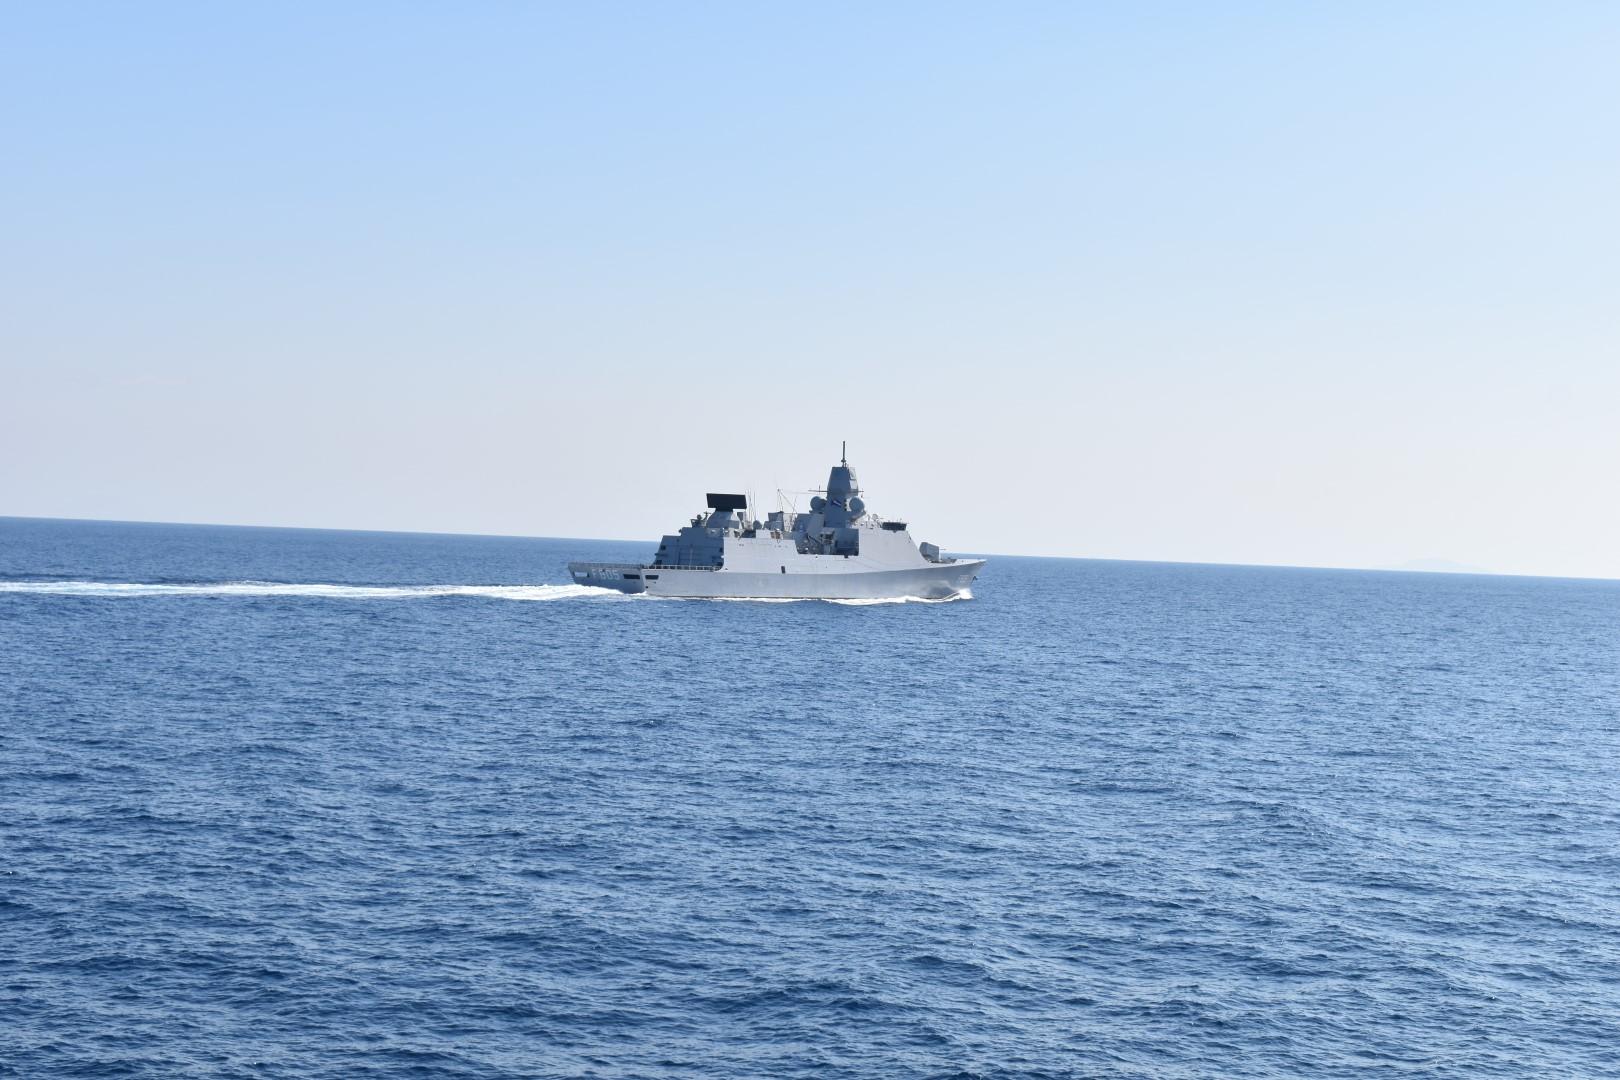 Καλλεντερίδης: Τουρκική παγίδα για Υποχώρηση ή θερμό επεισόδιο – Δεν υπάρχει περιθώριο διαπραγμάτευσης